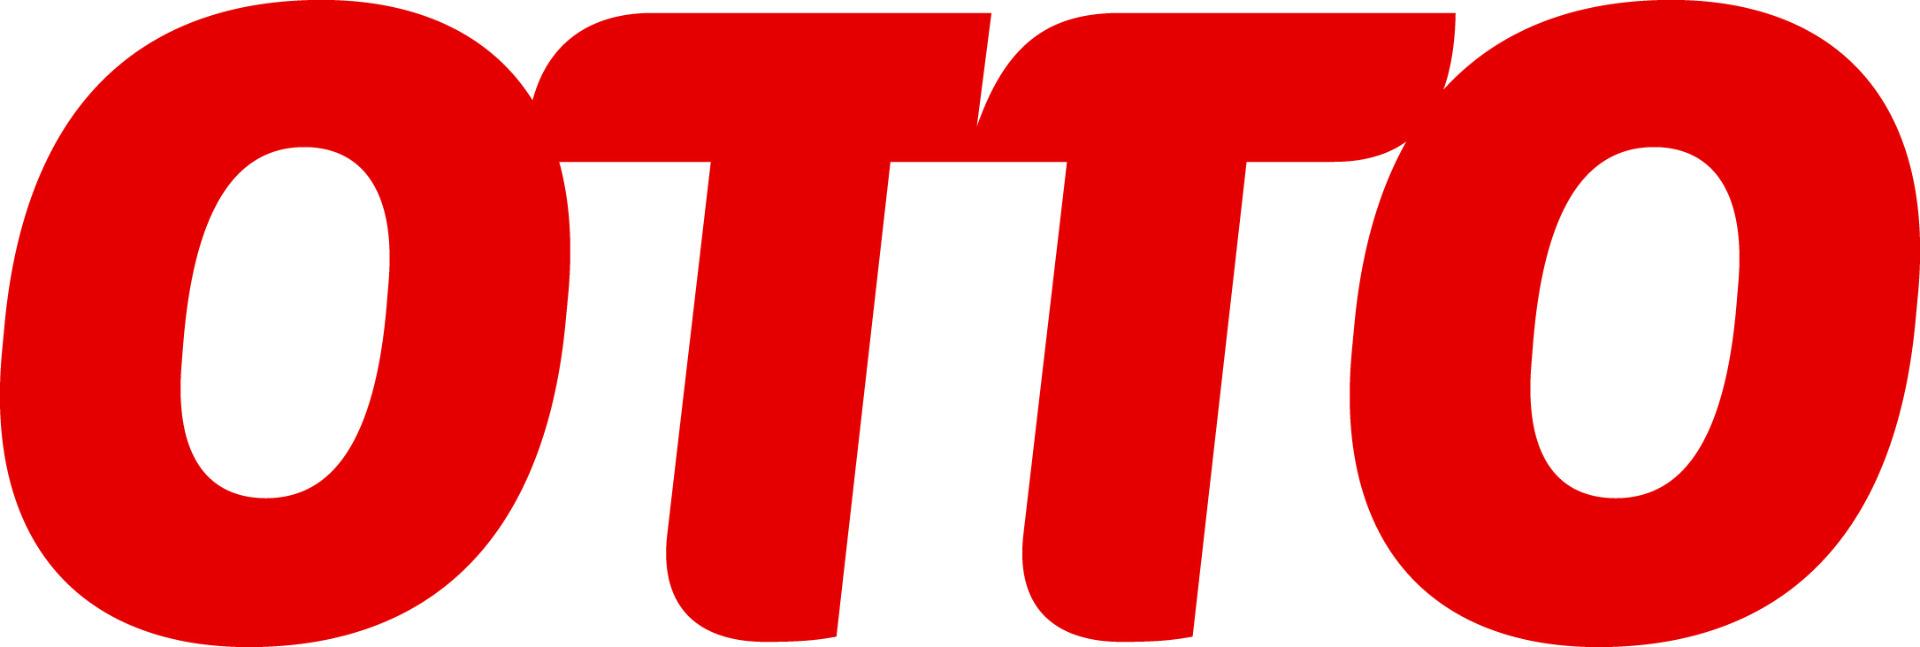 Die neuesten Rabattaktionen und Coupons von Otto (GmbH & Co KG)